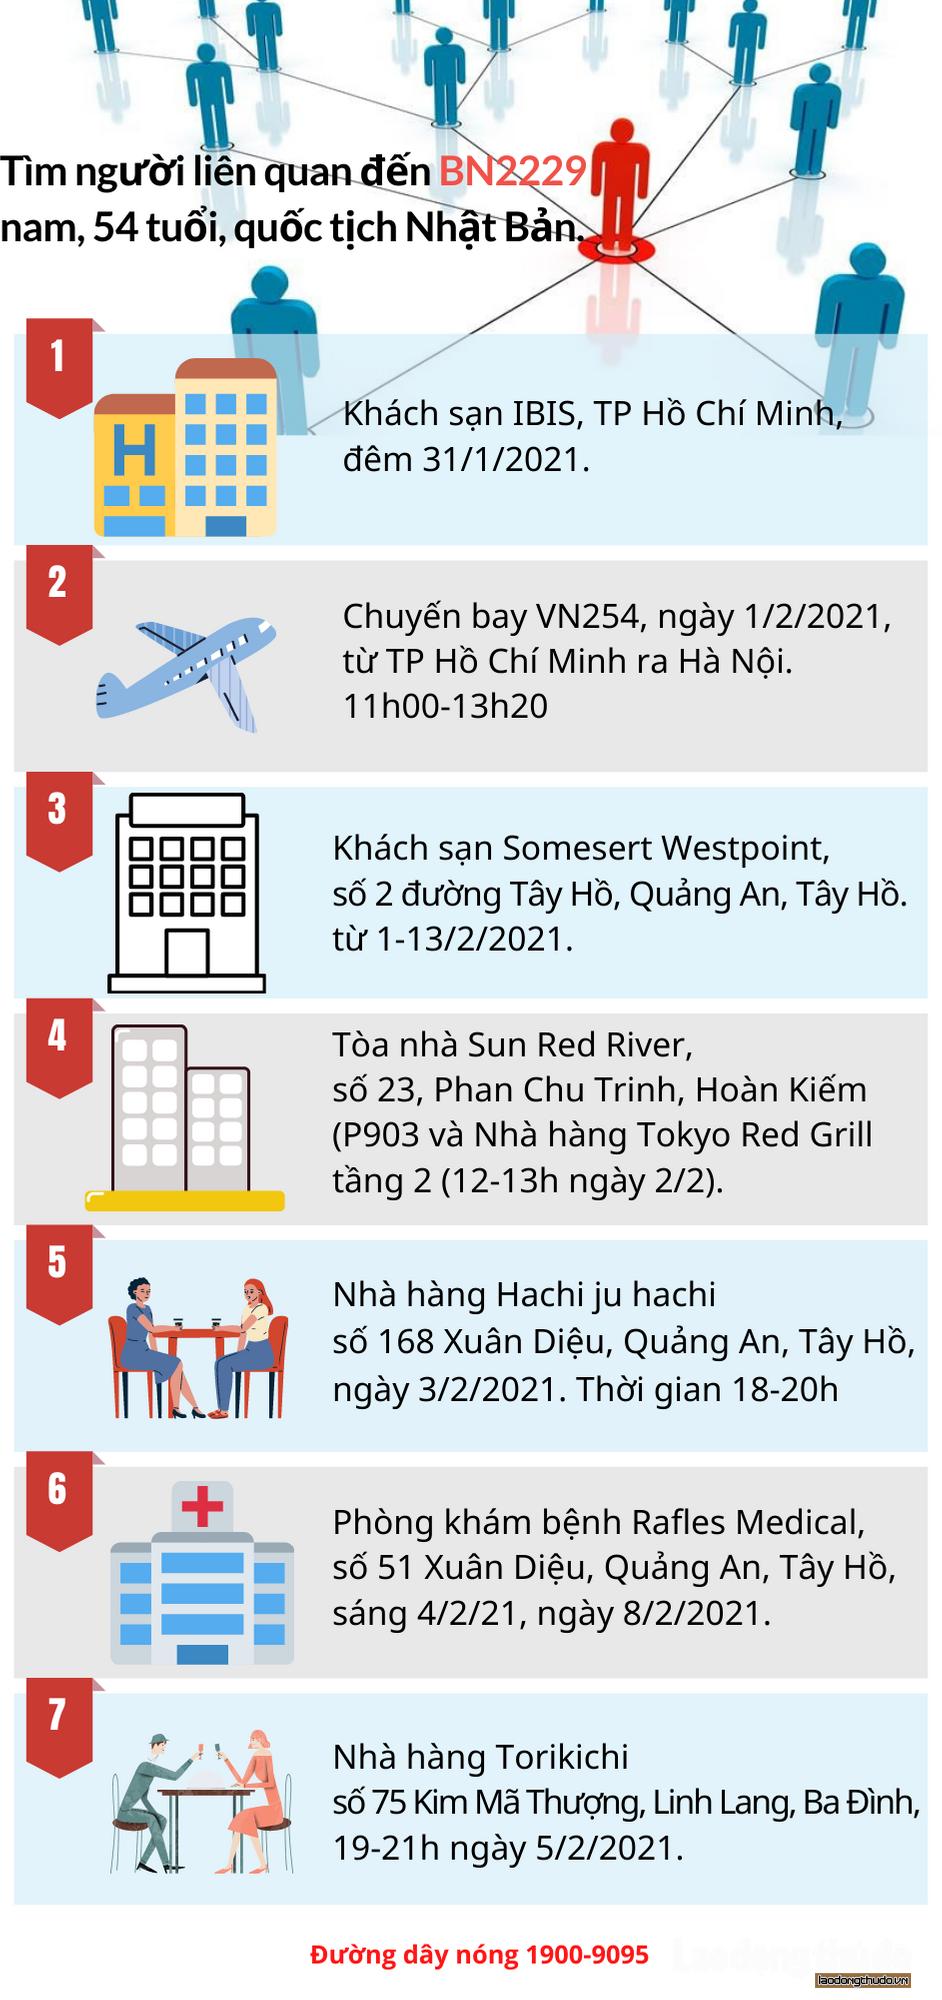 Infographic: Tìm người liên quan đến BN2229 quốc tịch Nhật Bản